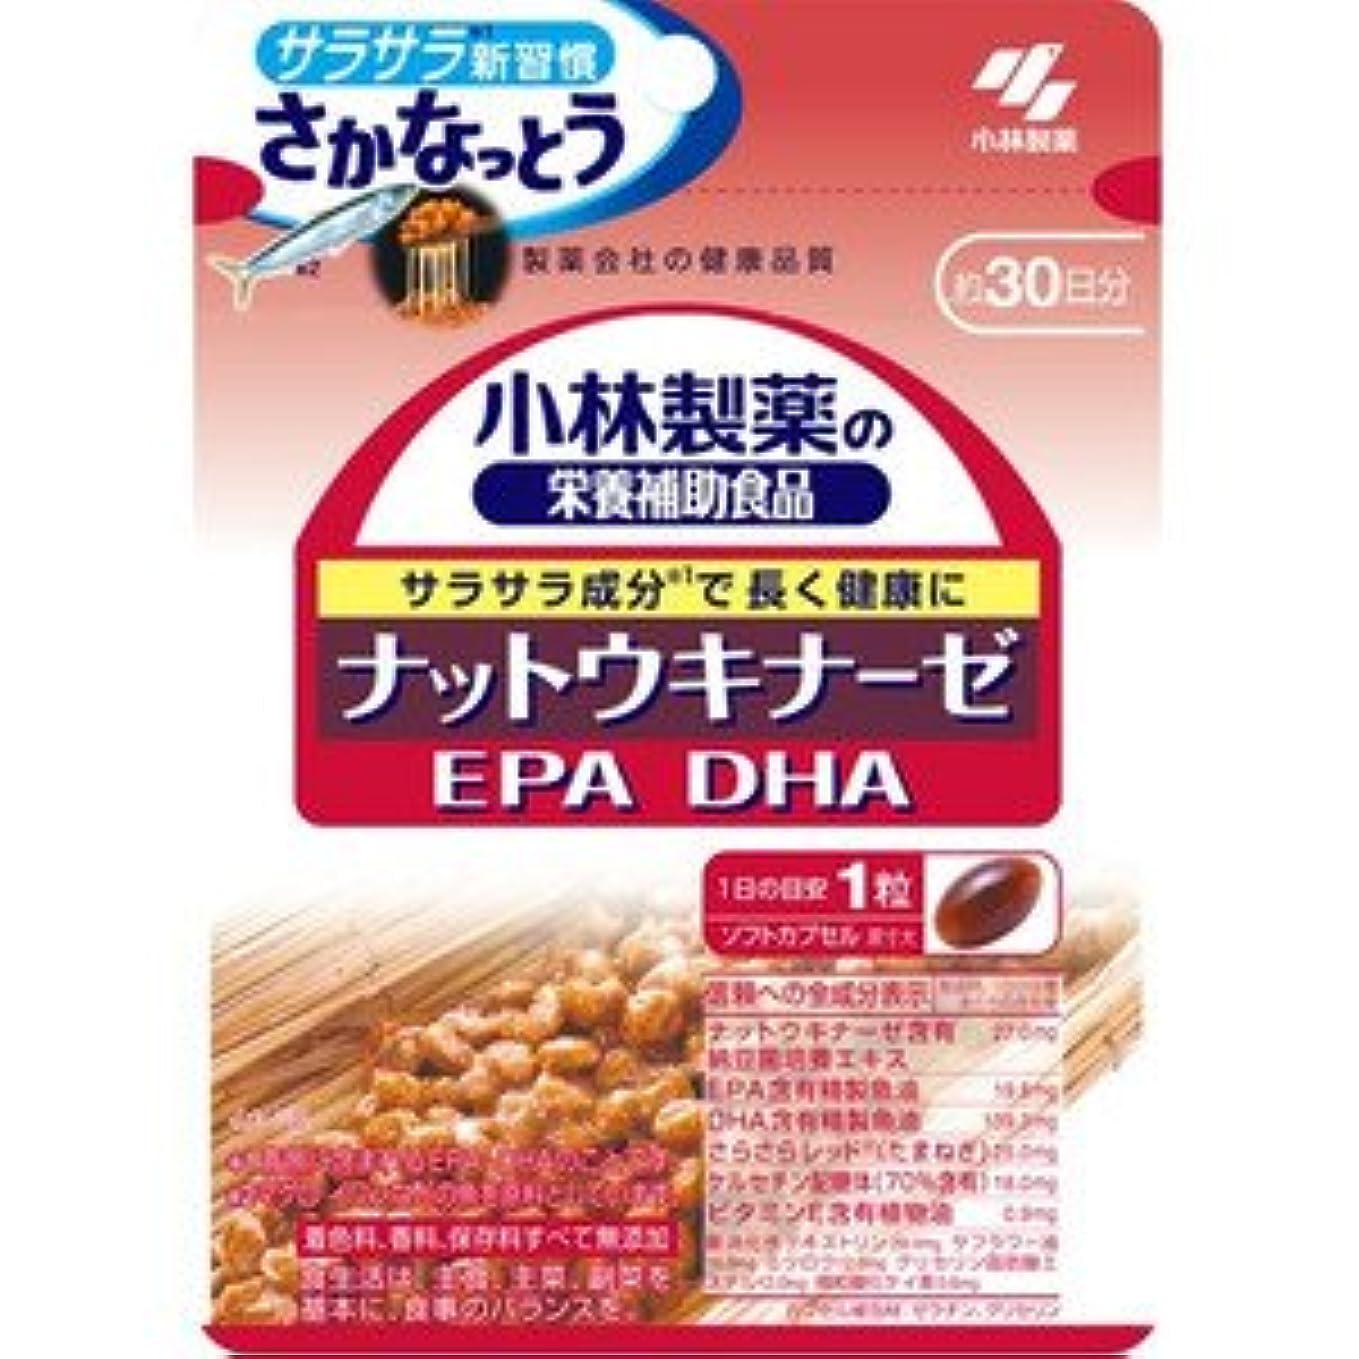 補うモニター王朝【小林製薬】ナットウキナーゼ (EPA/DHA) 30粒(お買い得3個セット)